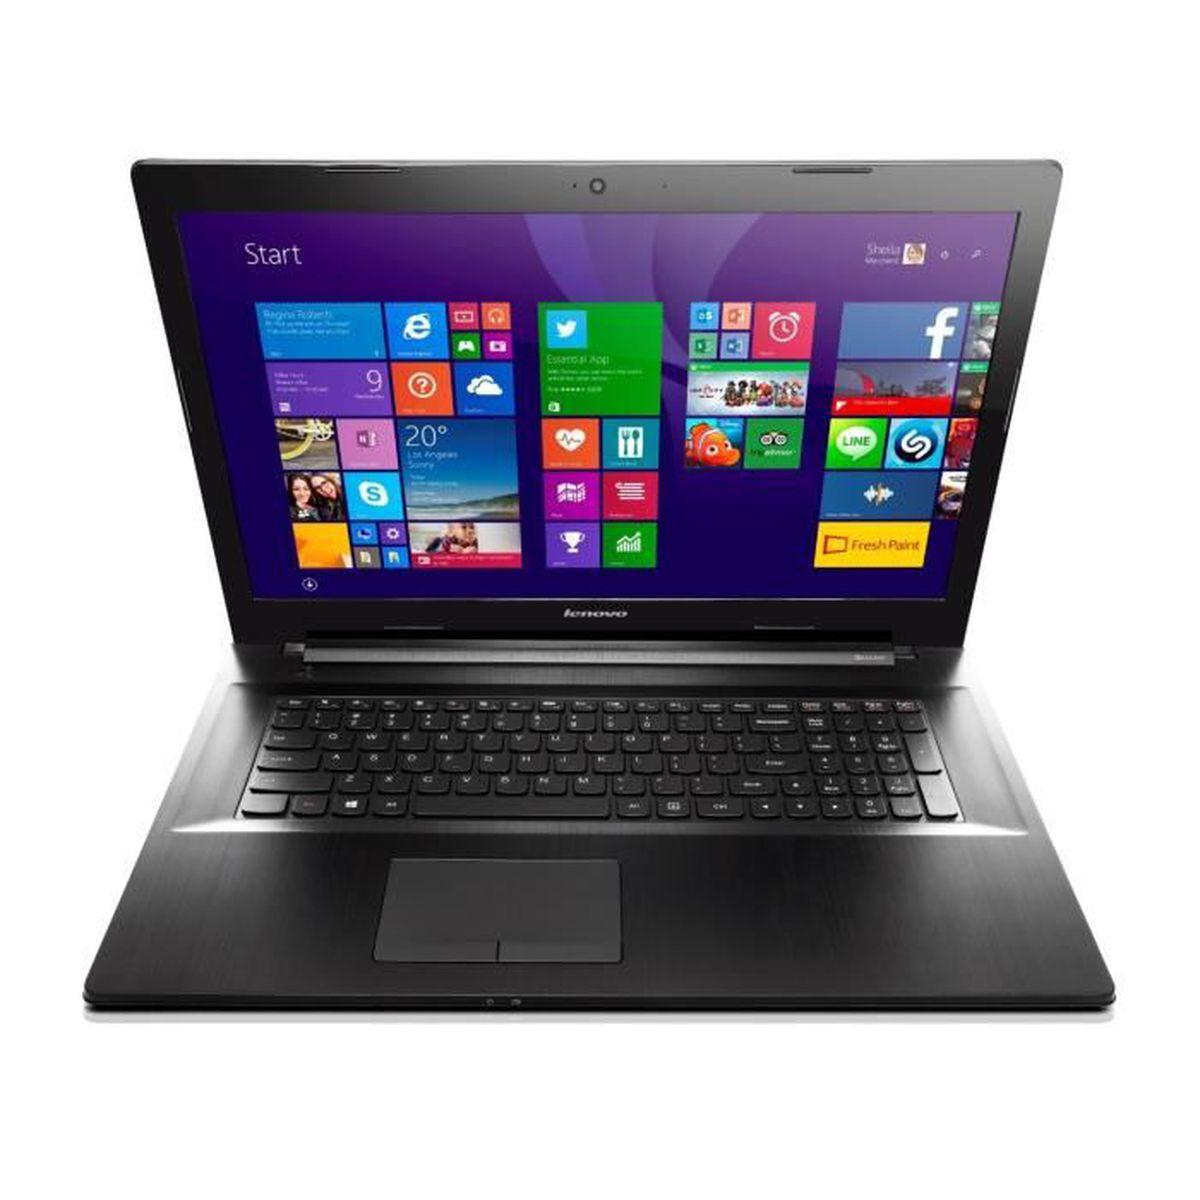 lenovo z70 80 ordinateur portable 17 3 39 39 noir m tal prix pas cher cdiscount. Black Bedroom Furniture Sets. Home Design Ideas